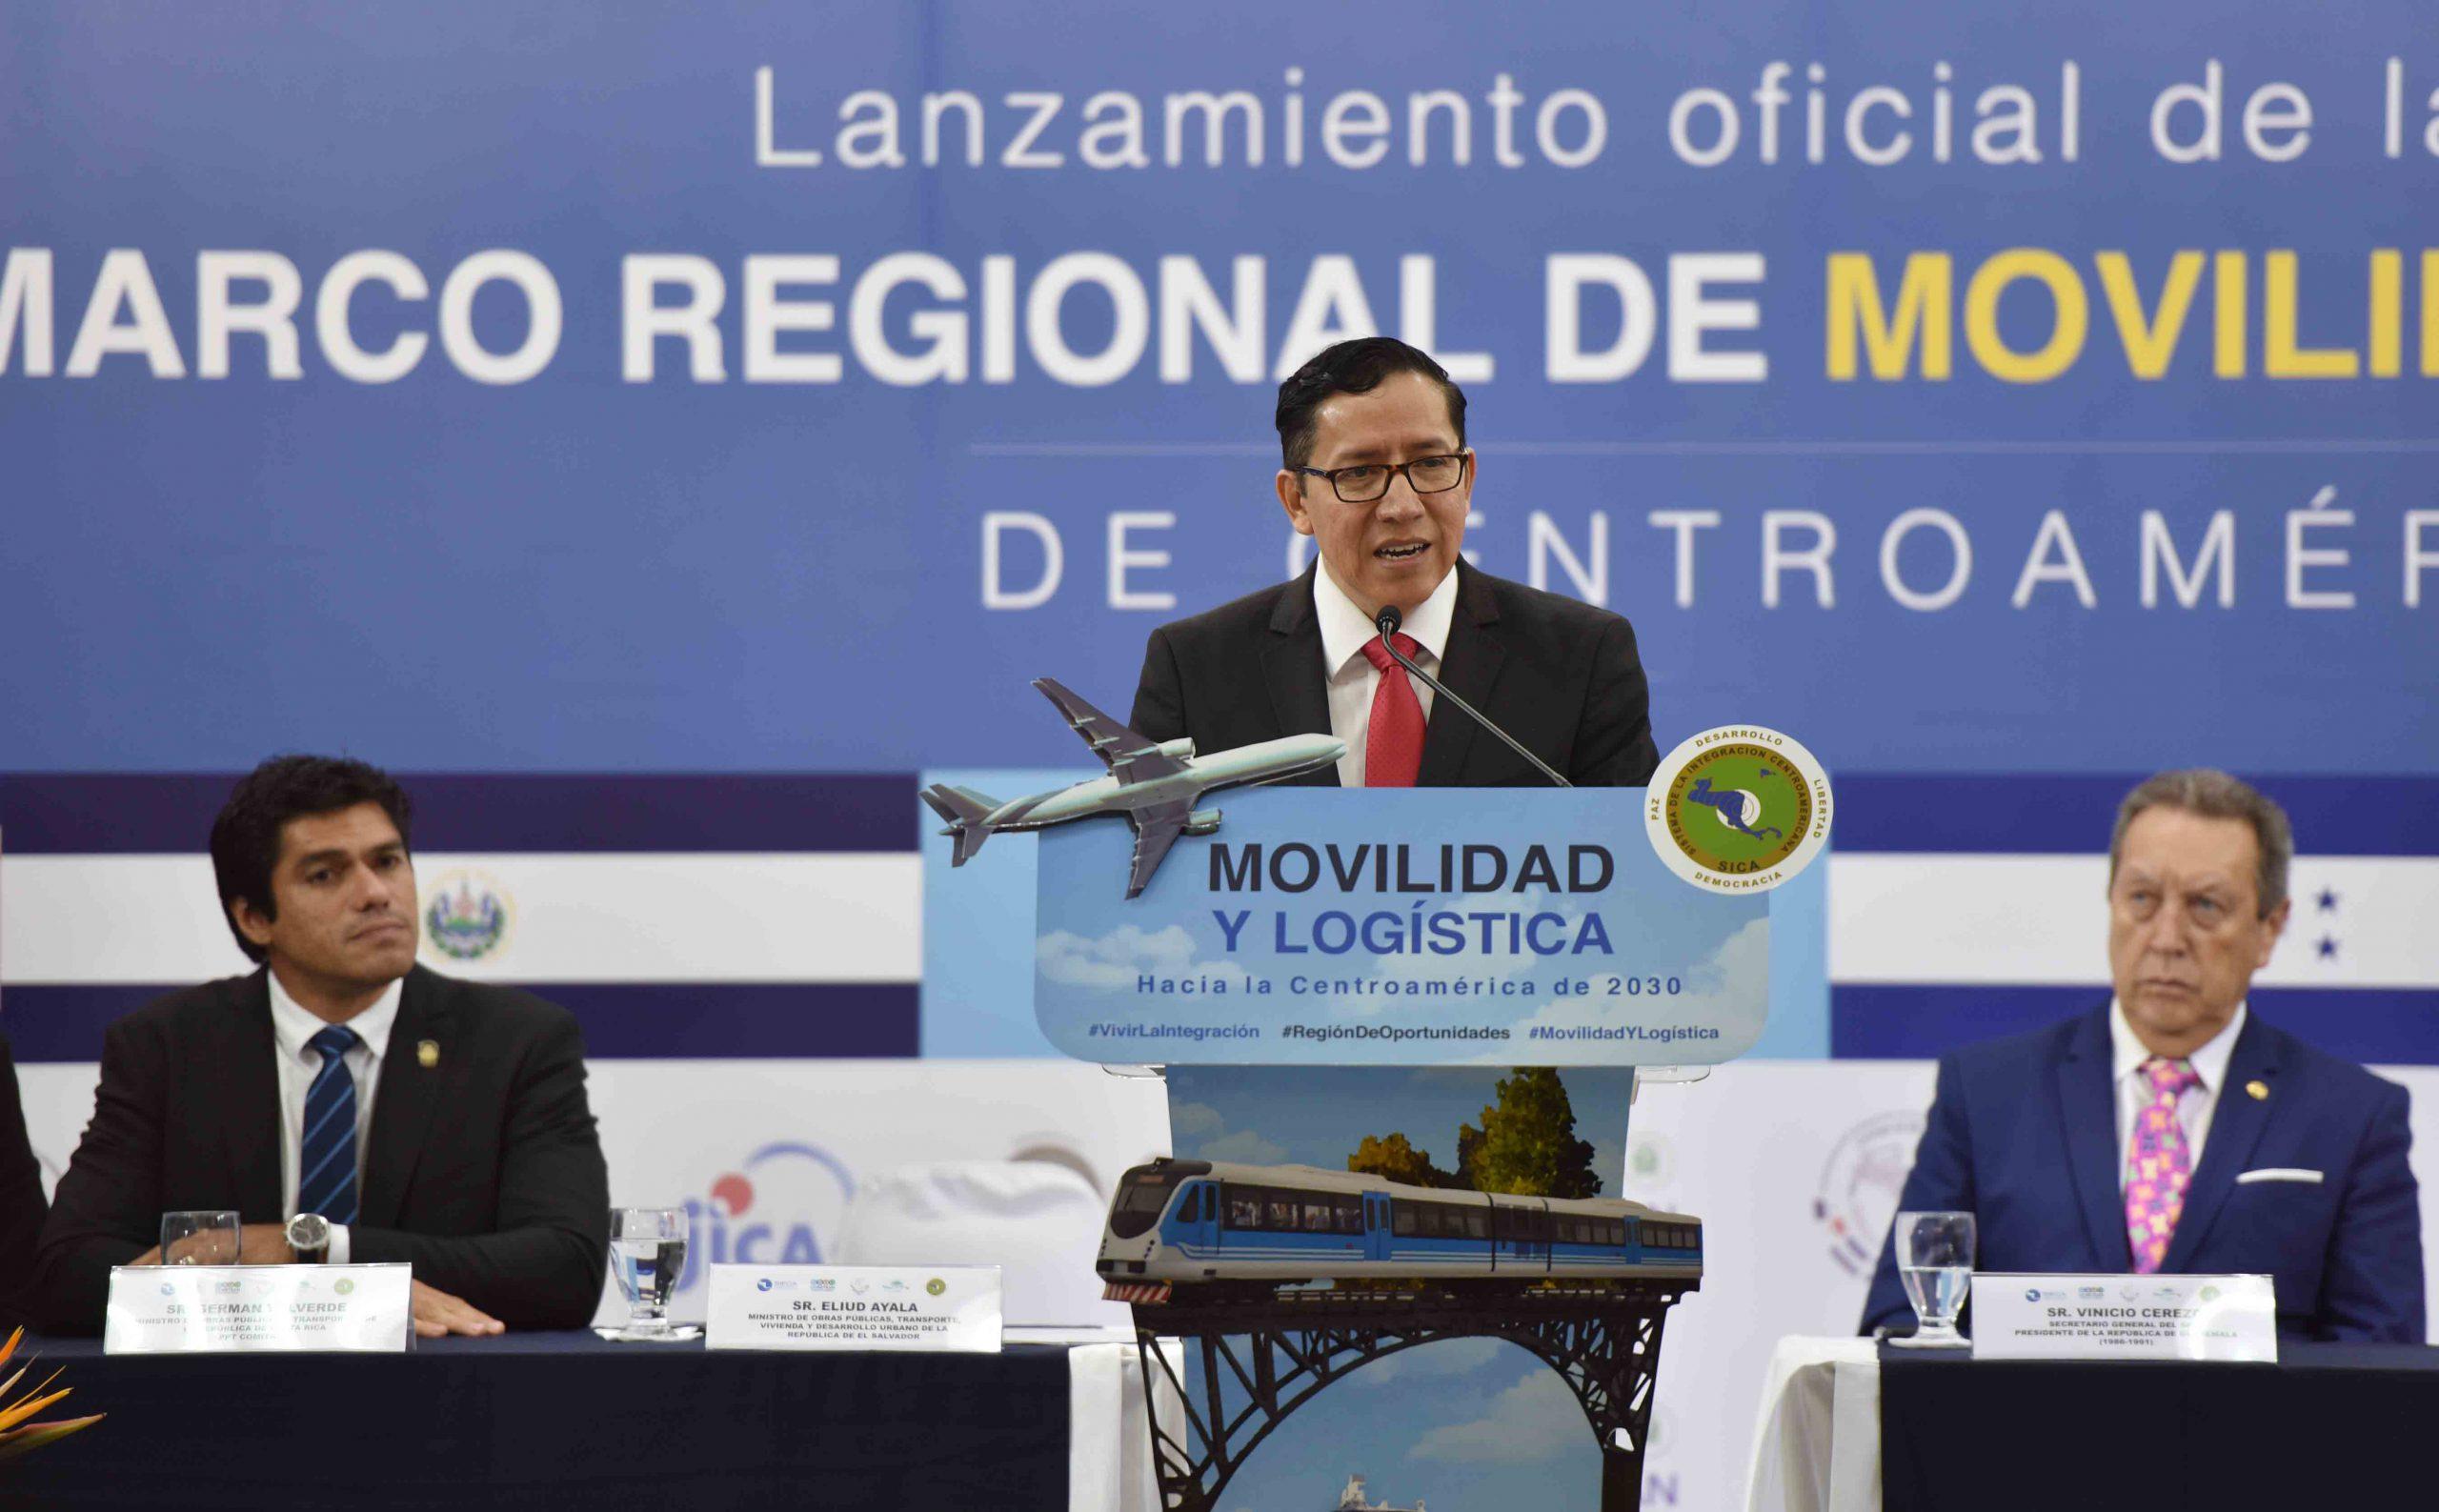 Discurso Ministro de Obras Públicas, en el lanzamiento de la Política Marco Regional de Movilidad y Logística de Centroamérica.